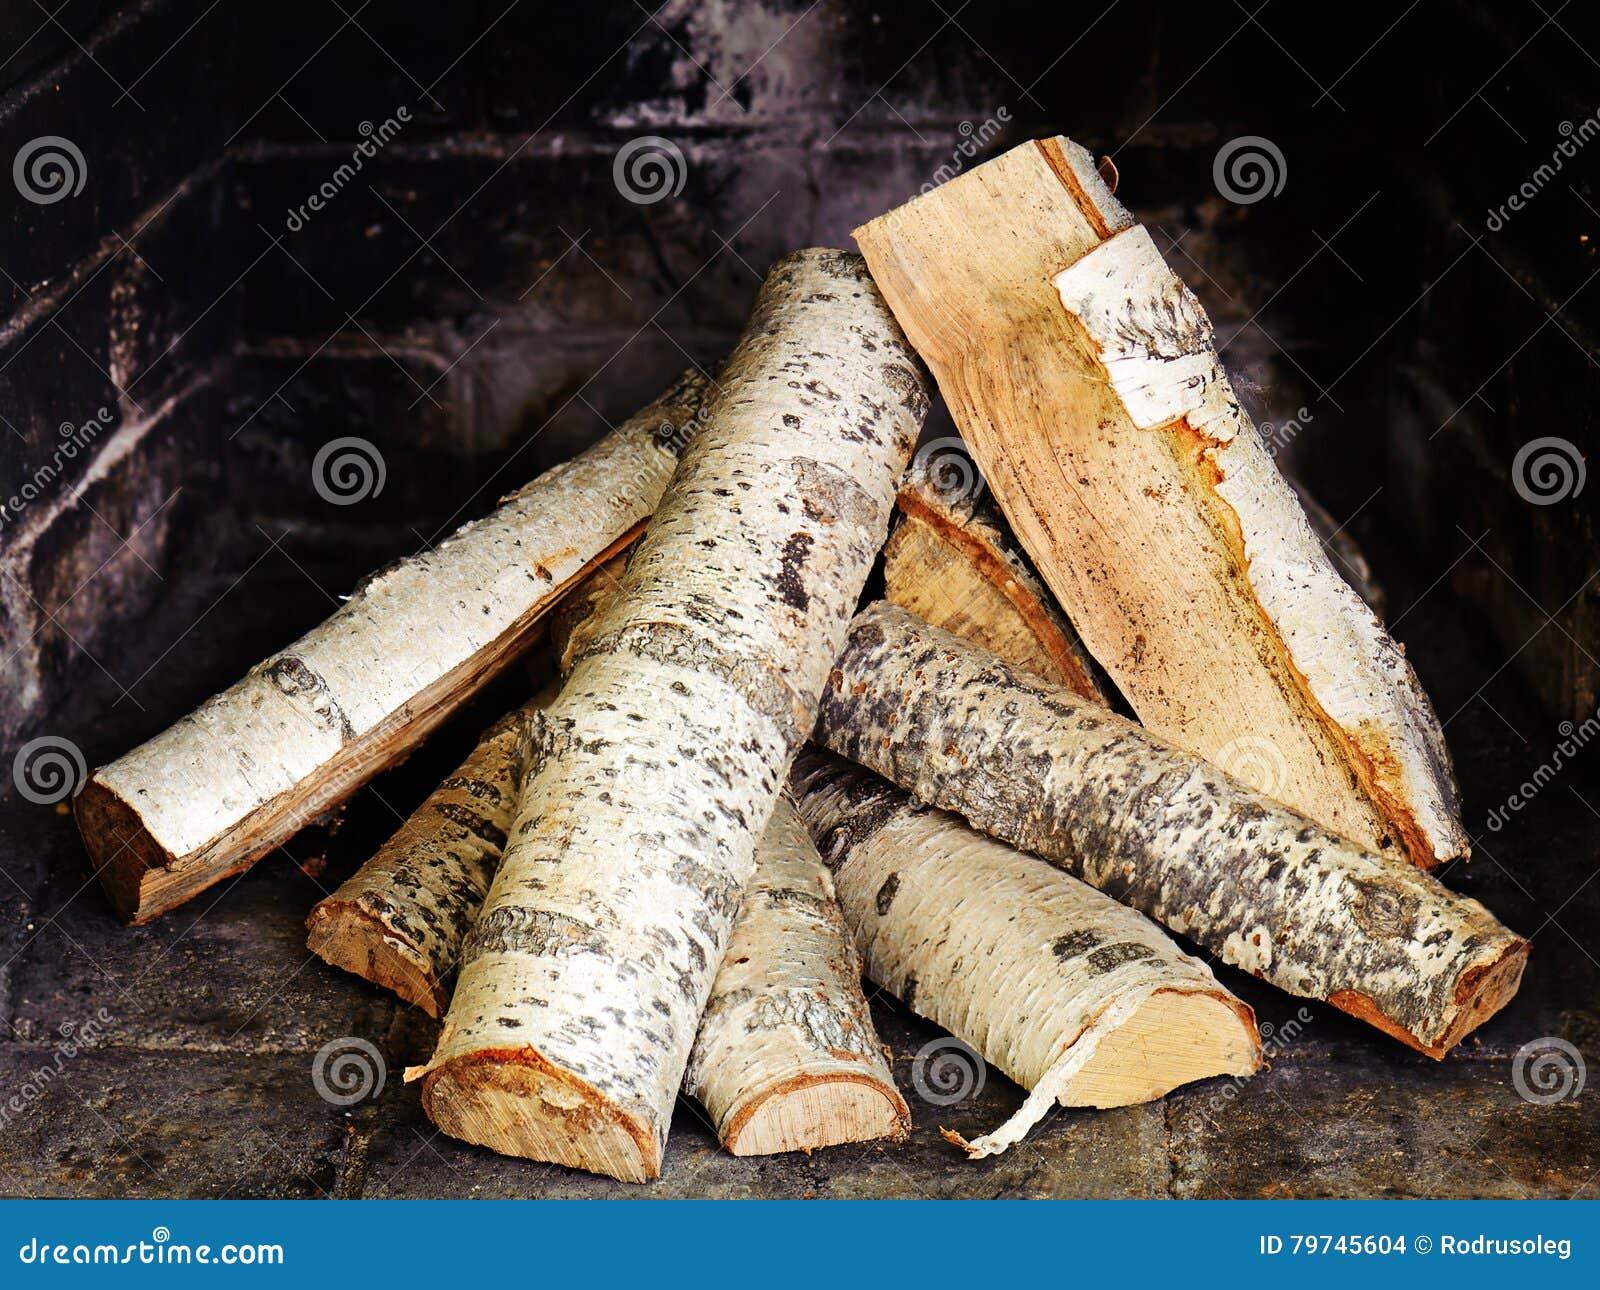 Chimenea con madera de abedul